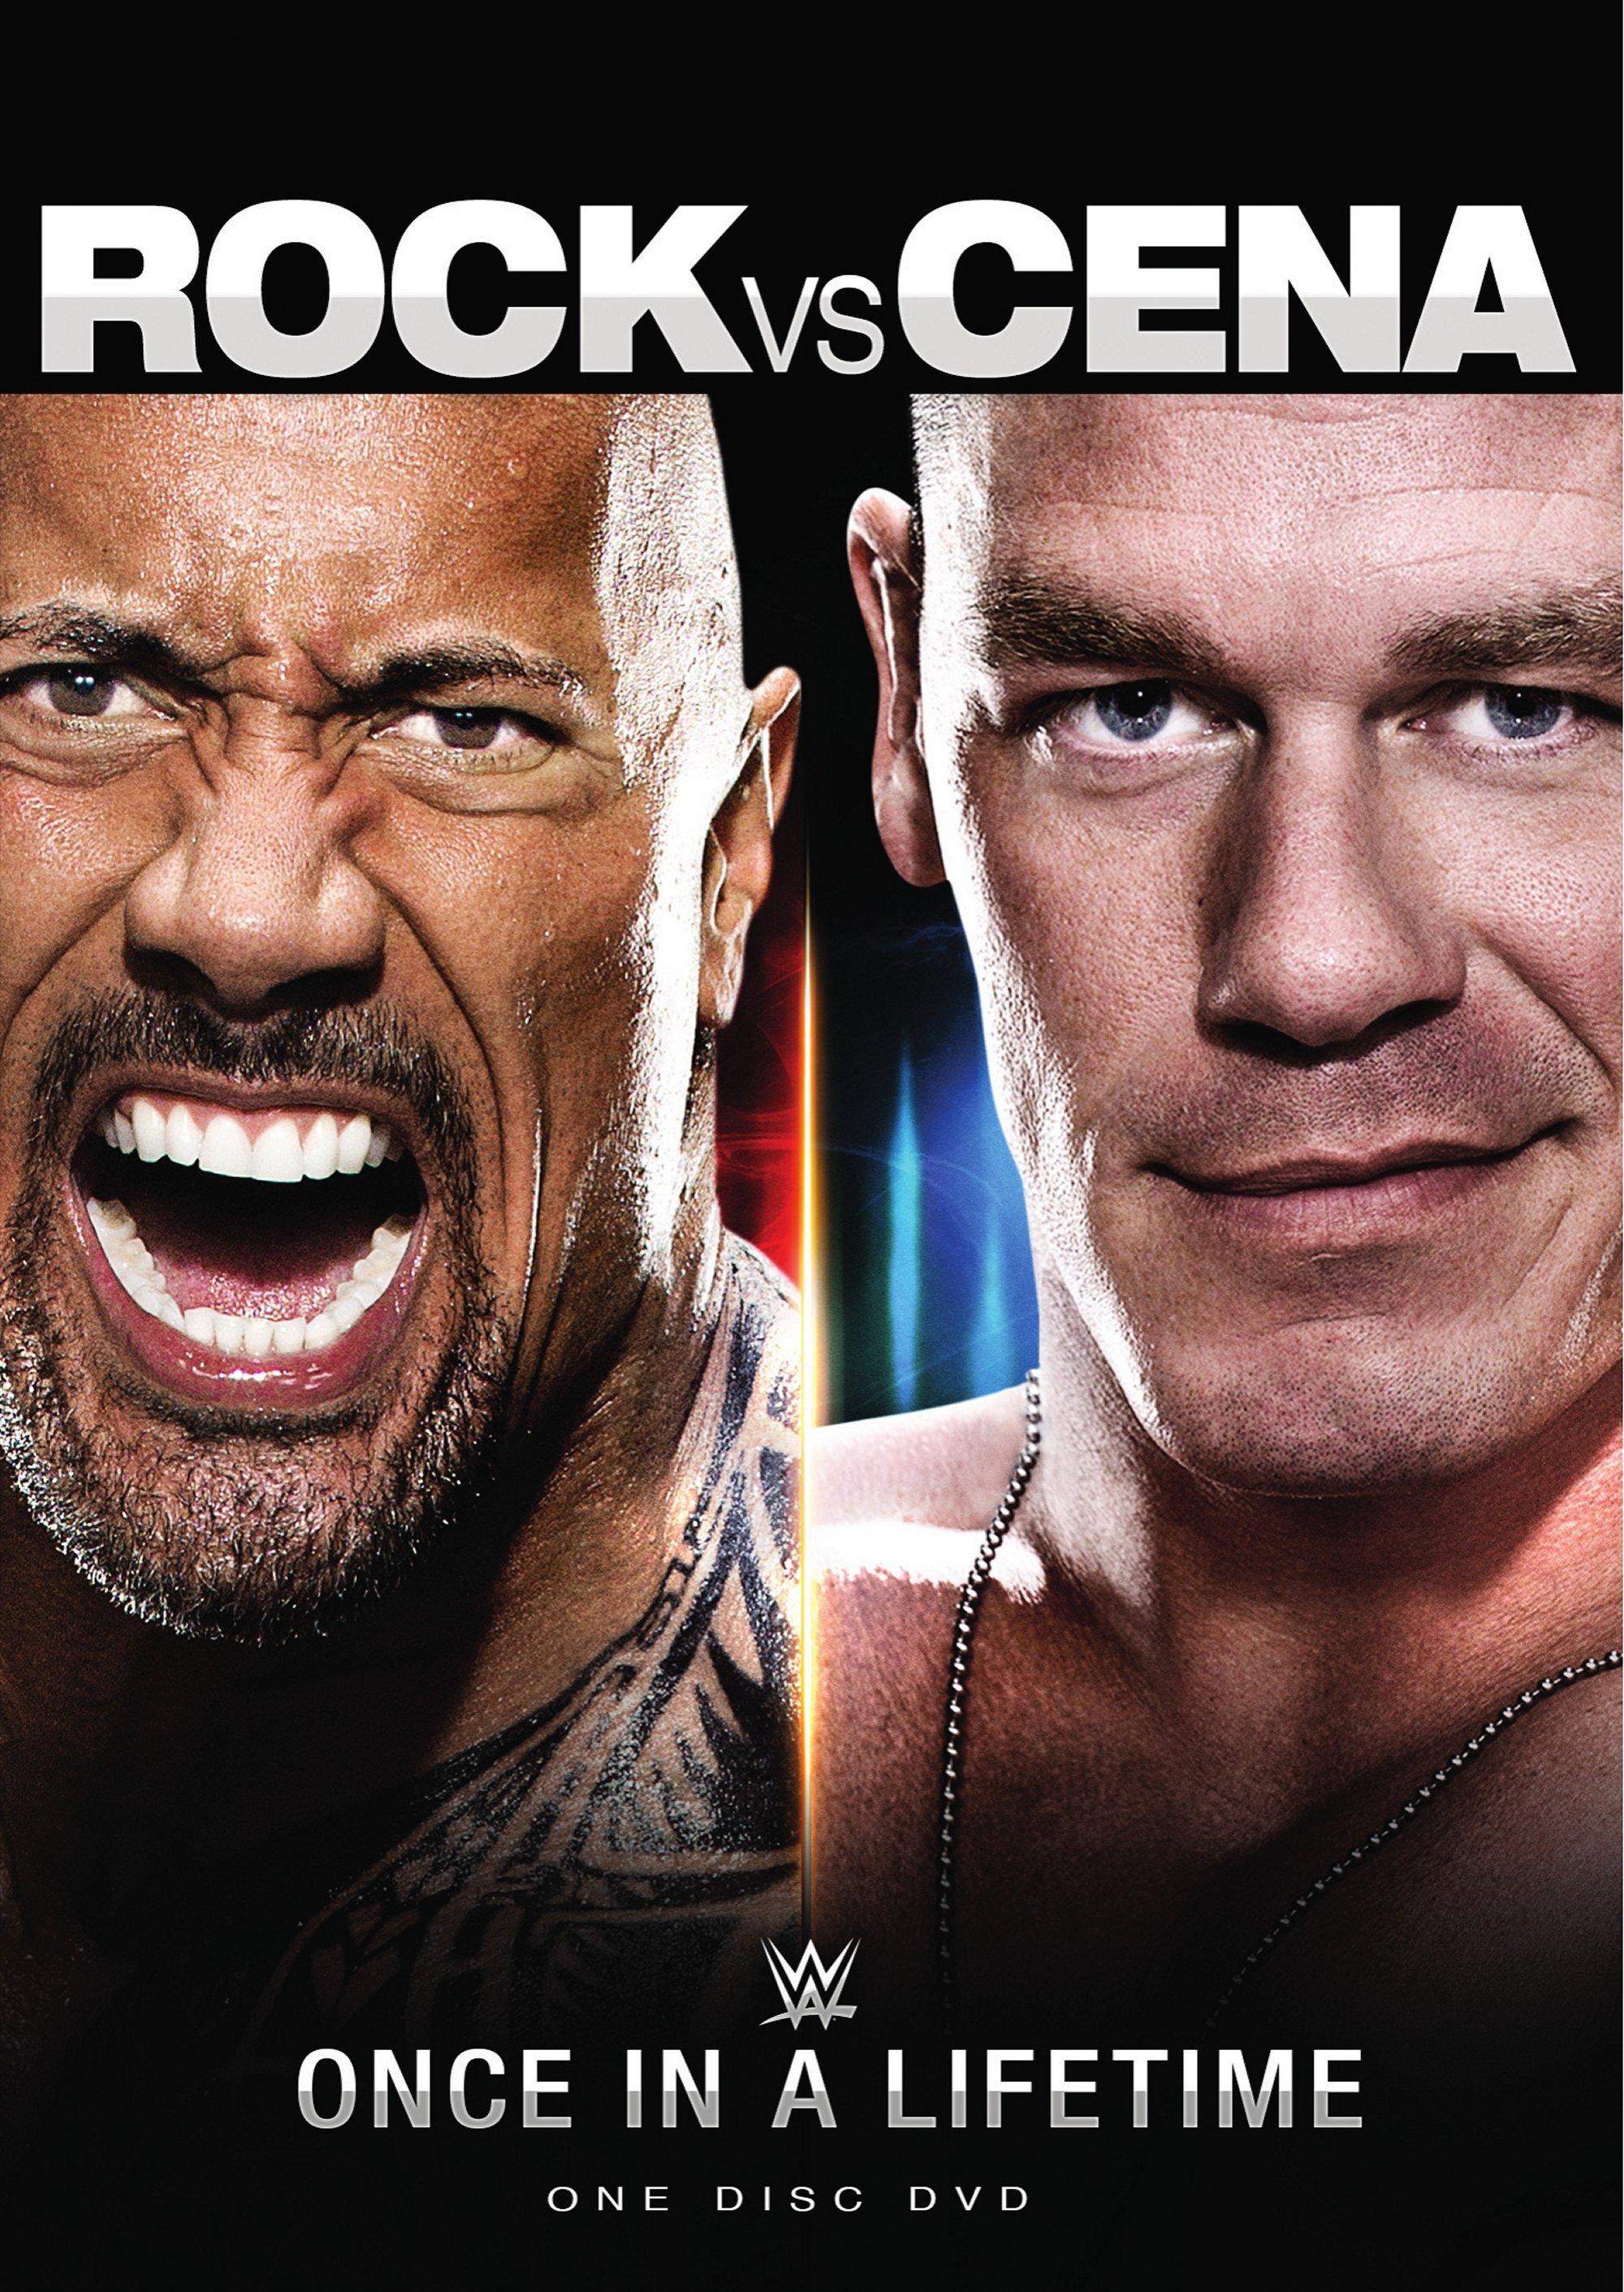 WWE: Rock vs. Cena